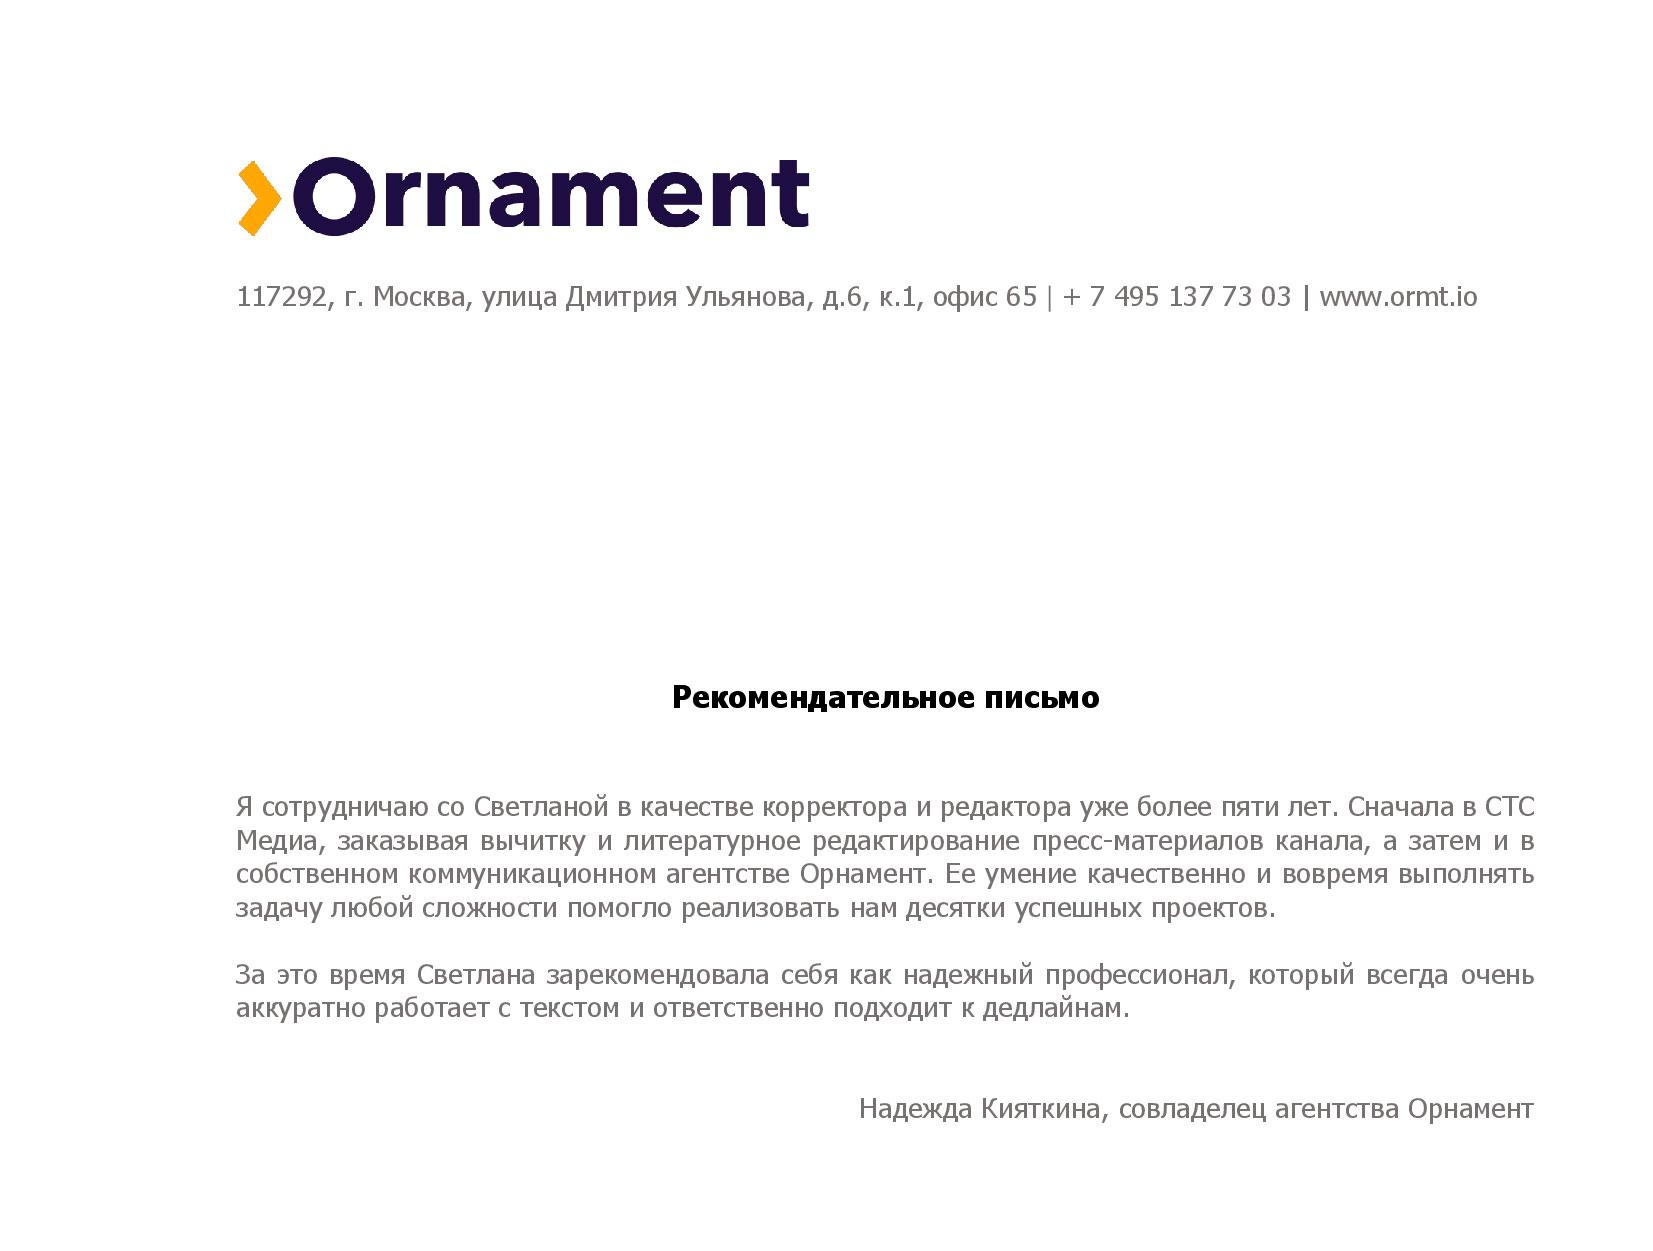 ornament-otzyv